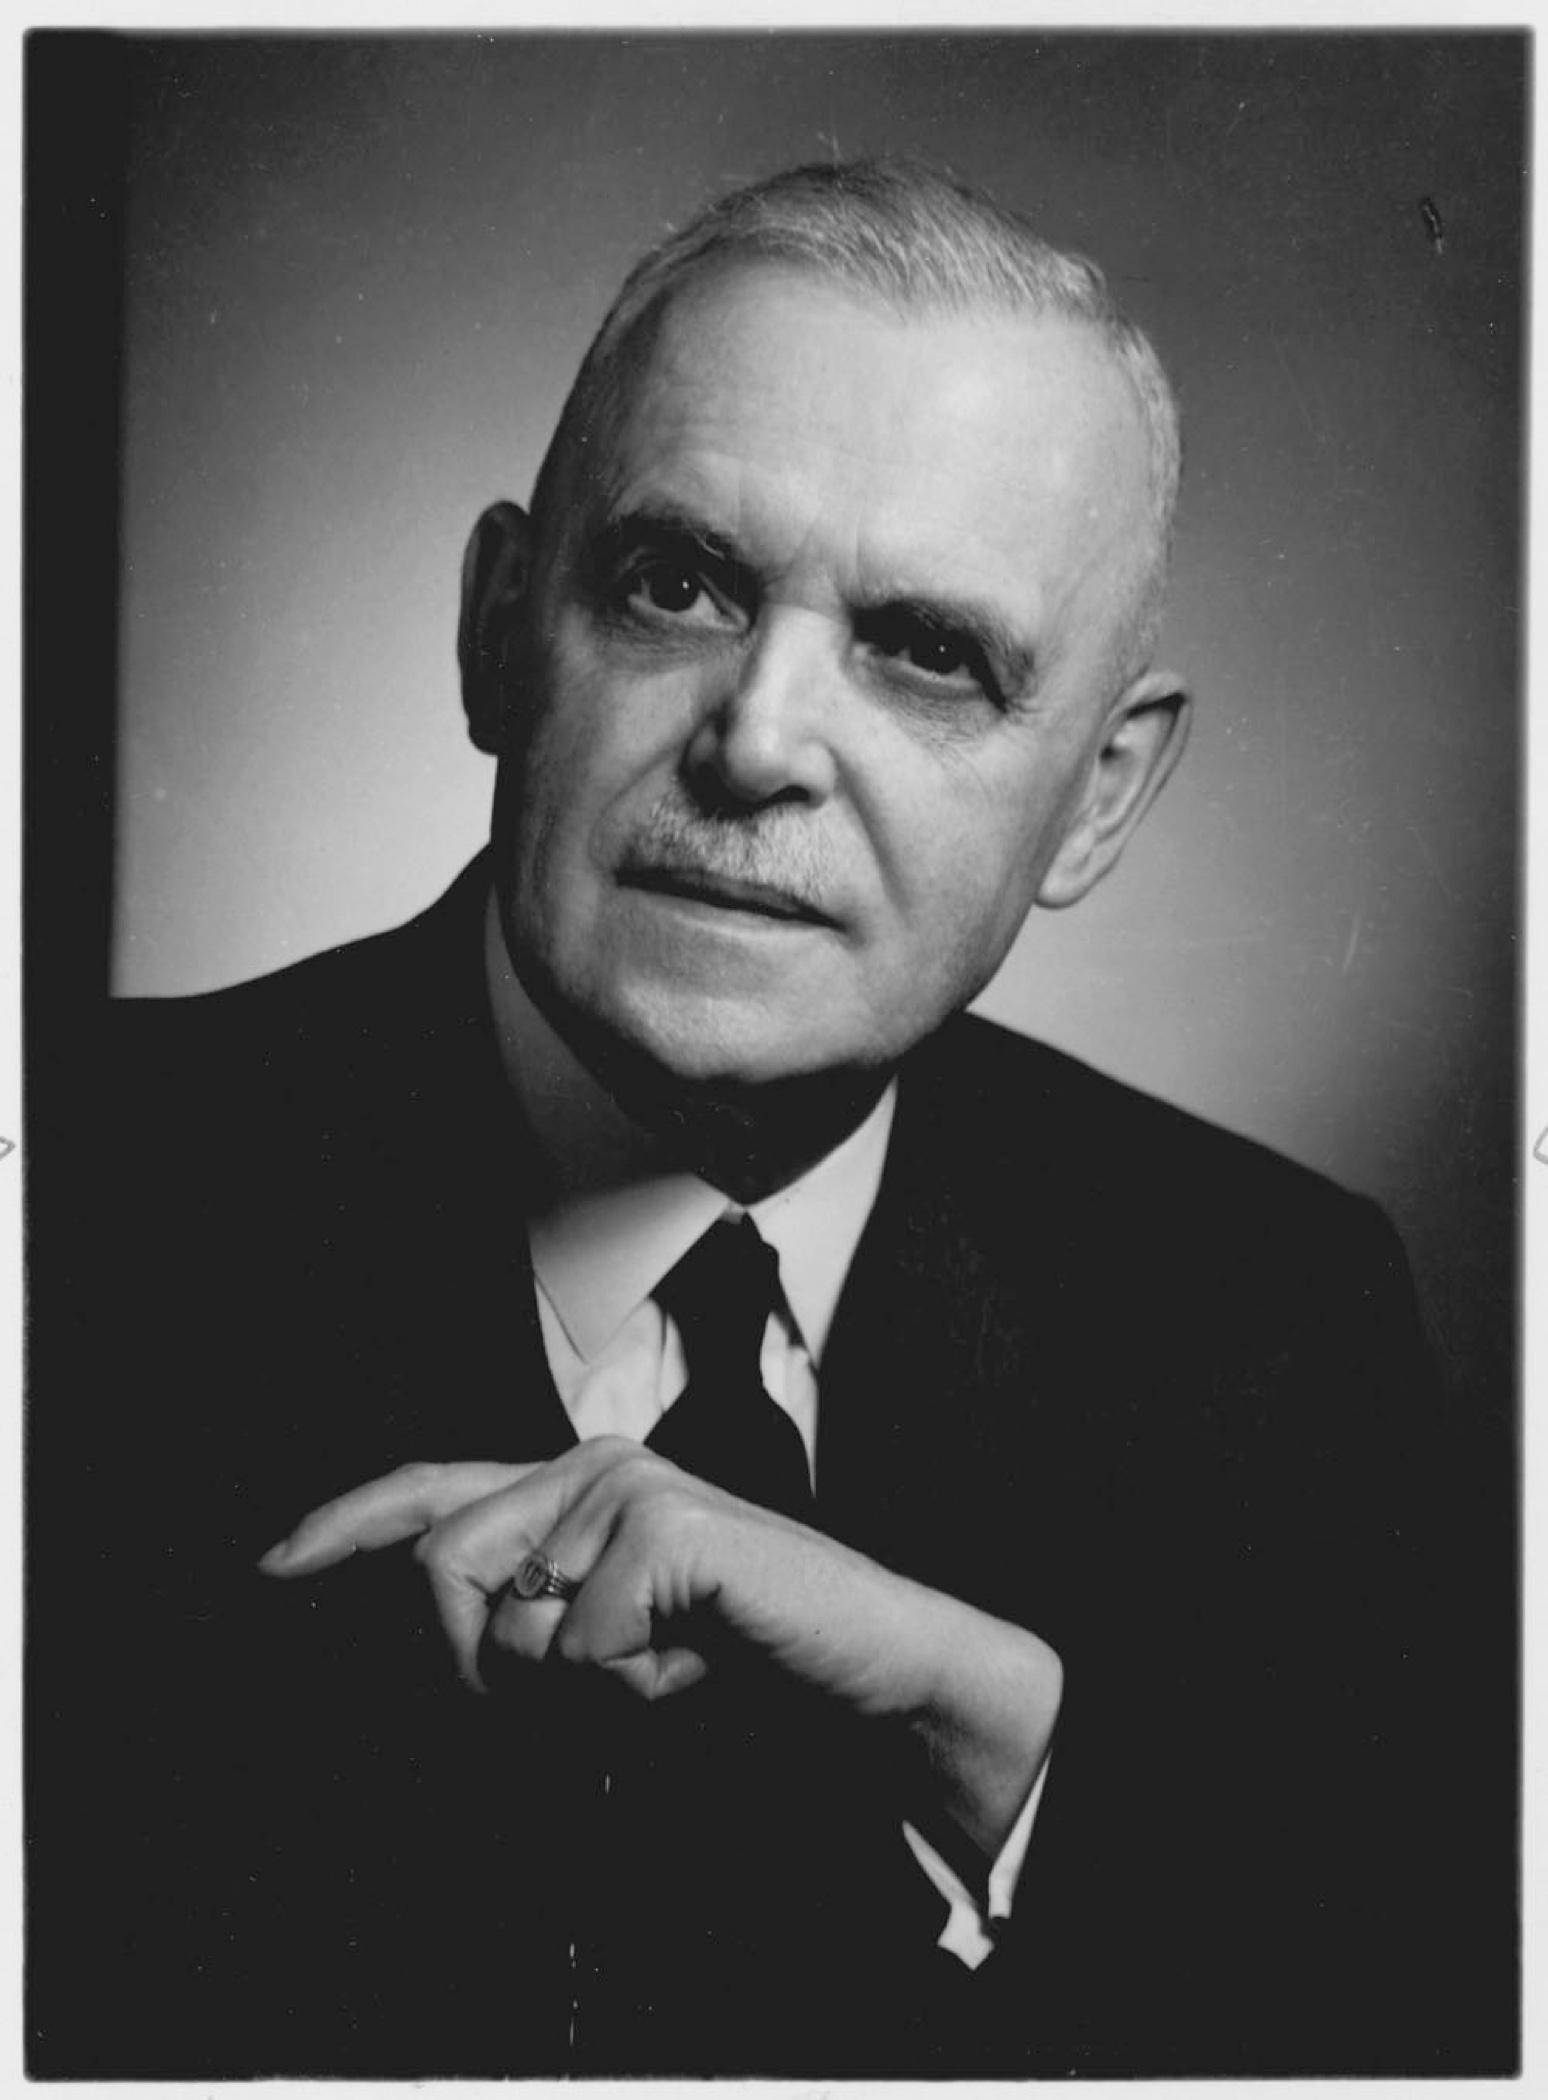 Portrait noir et blanc plan buste du l'Honorable  Louis St-Laurent en costume-cravate, son front marqué par un recul de la lisière de ses cheveux gris; ses yeux noirs lui donnant une expression autoritaire.